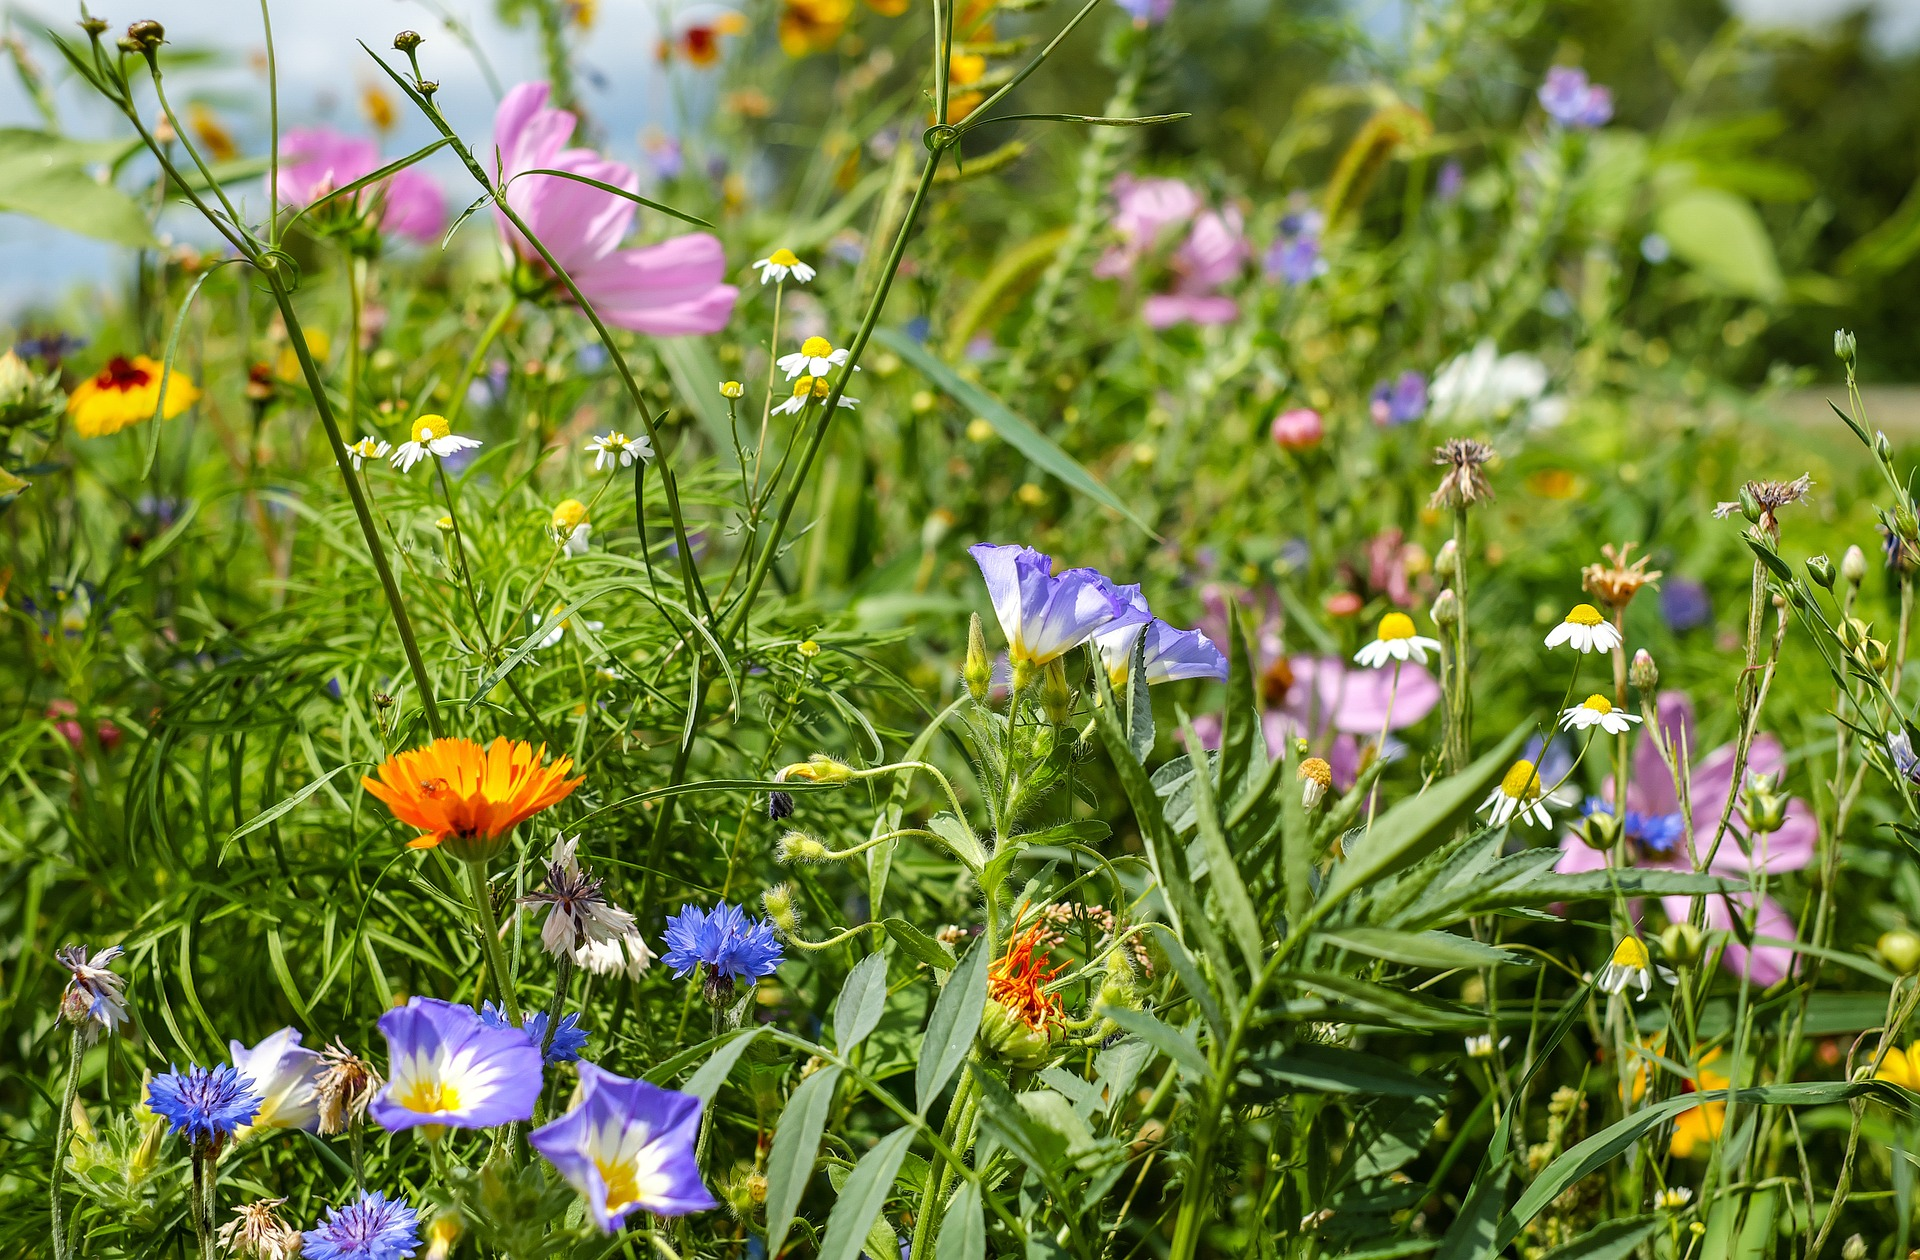 Blumenwiese field of flowers